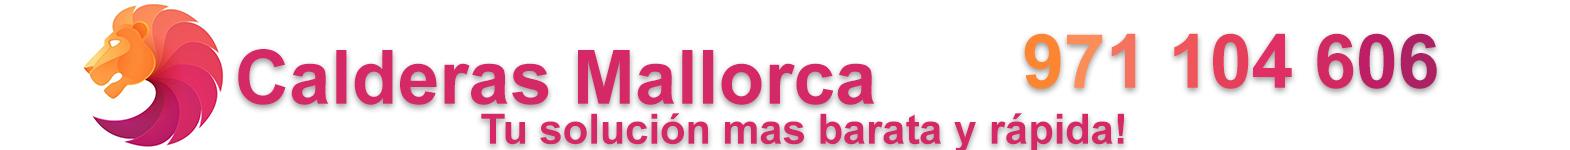 Calderas Mallorca